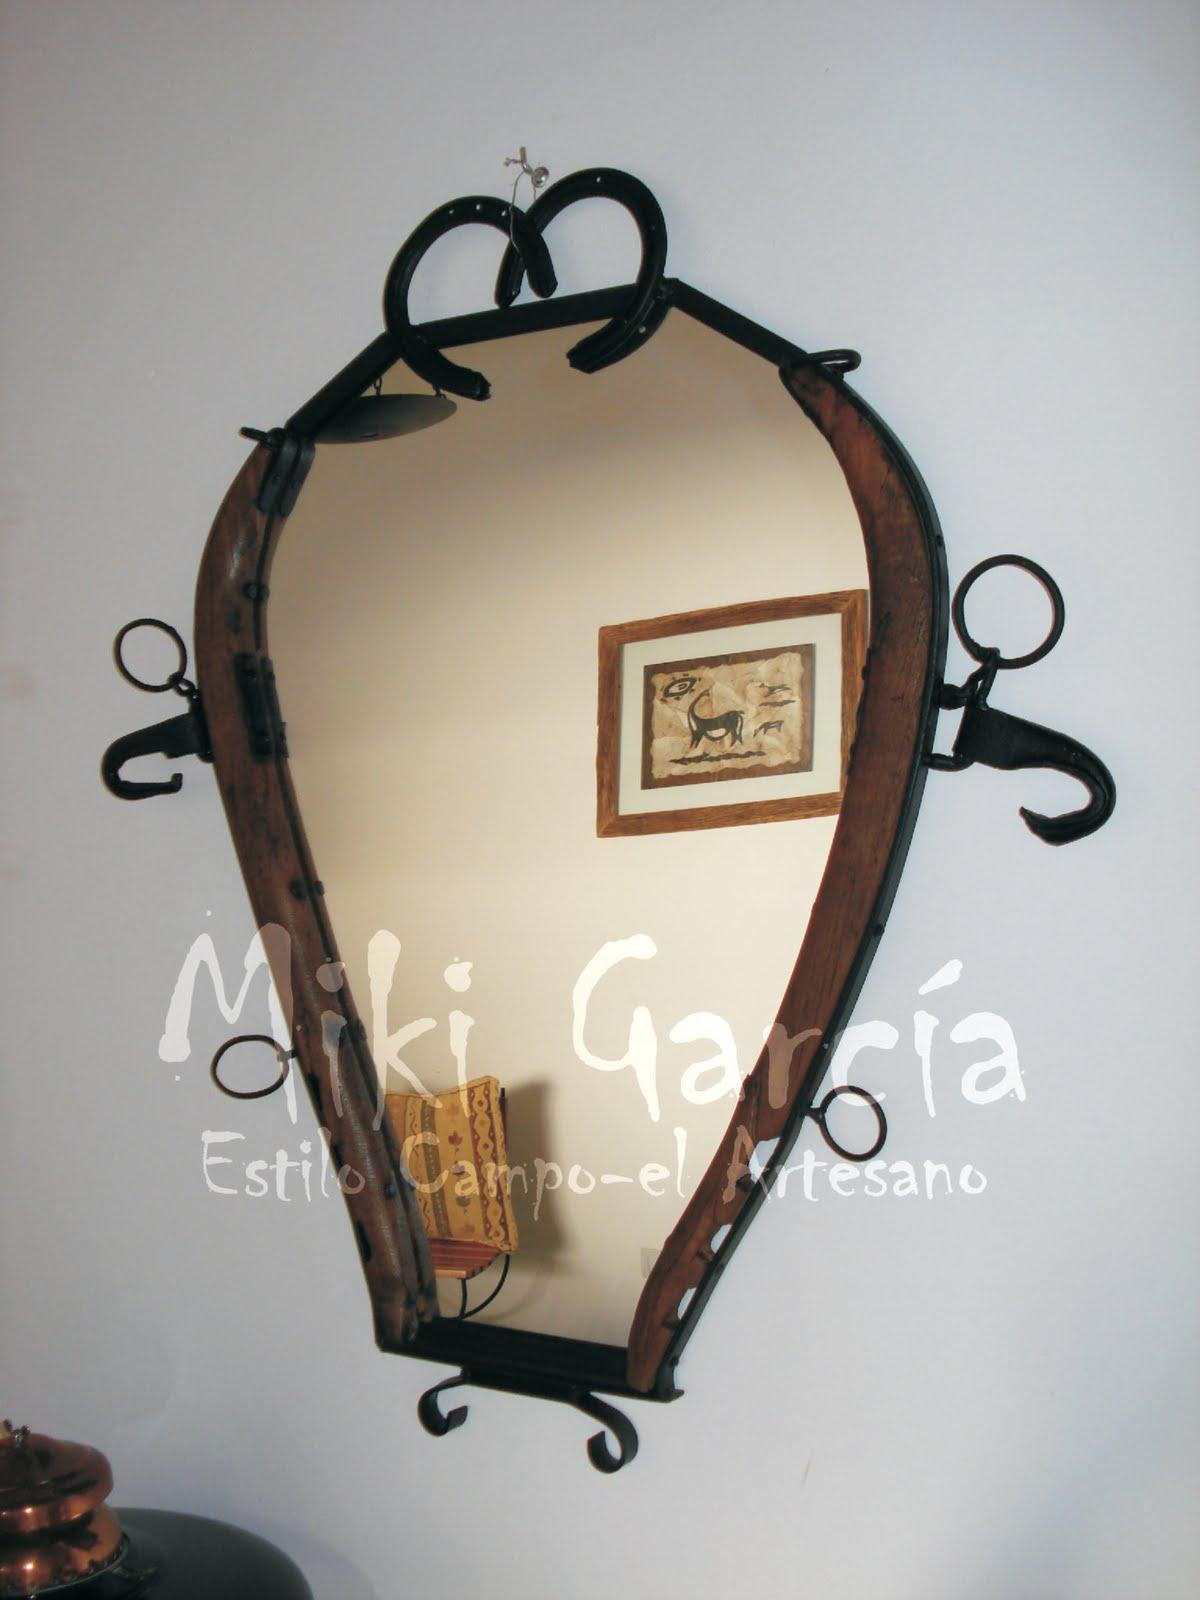 Estilo campo el artesano for Manualidades con puertas viejas